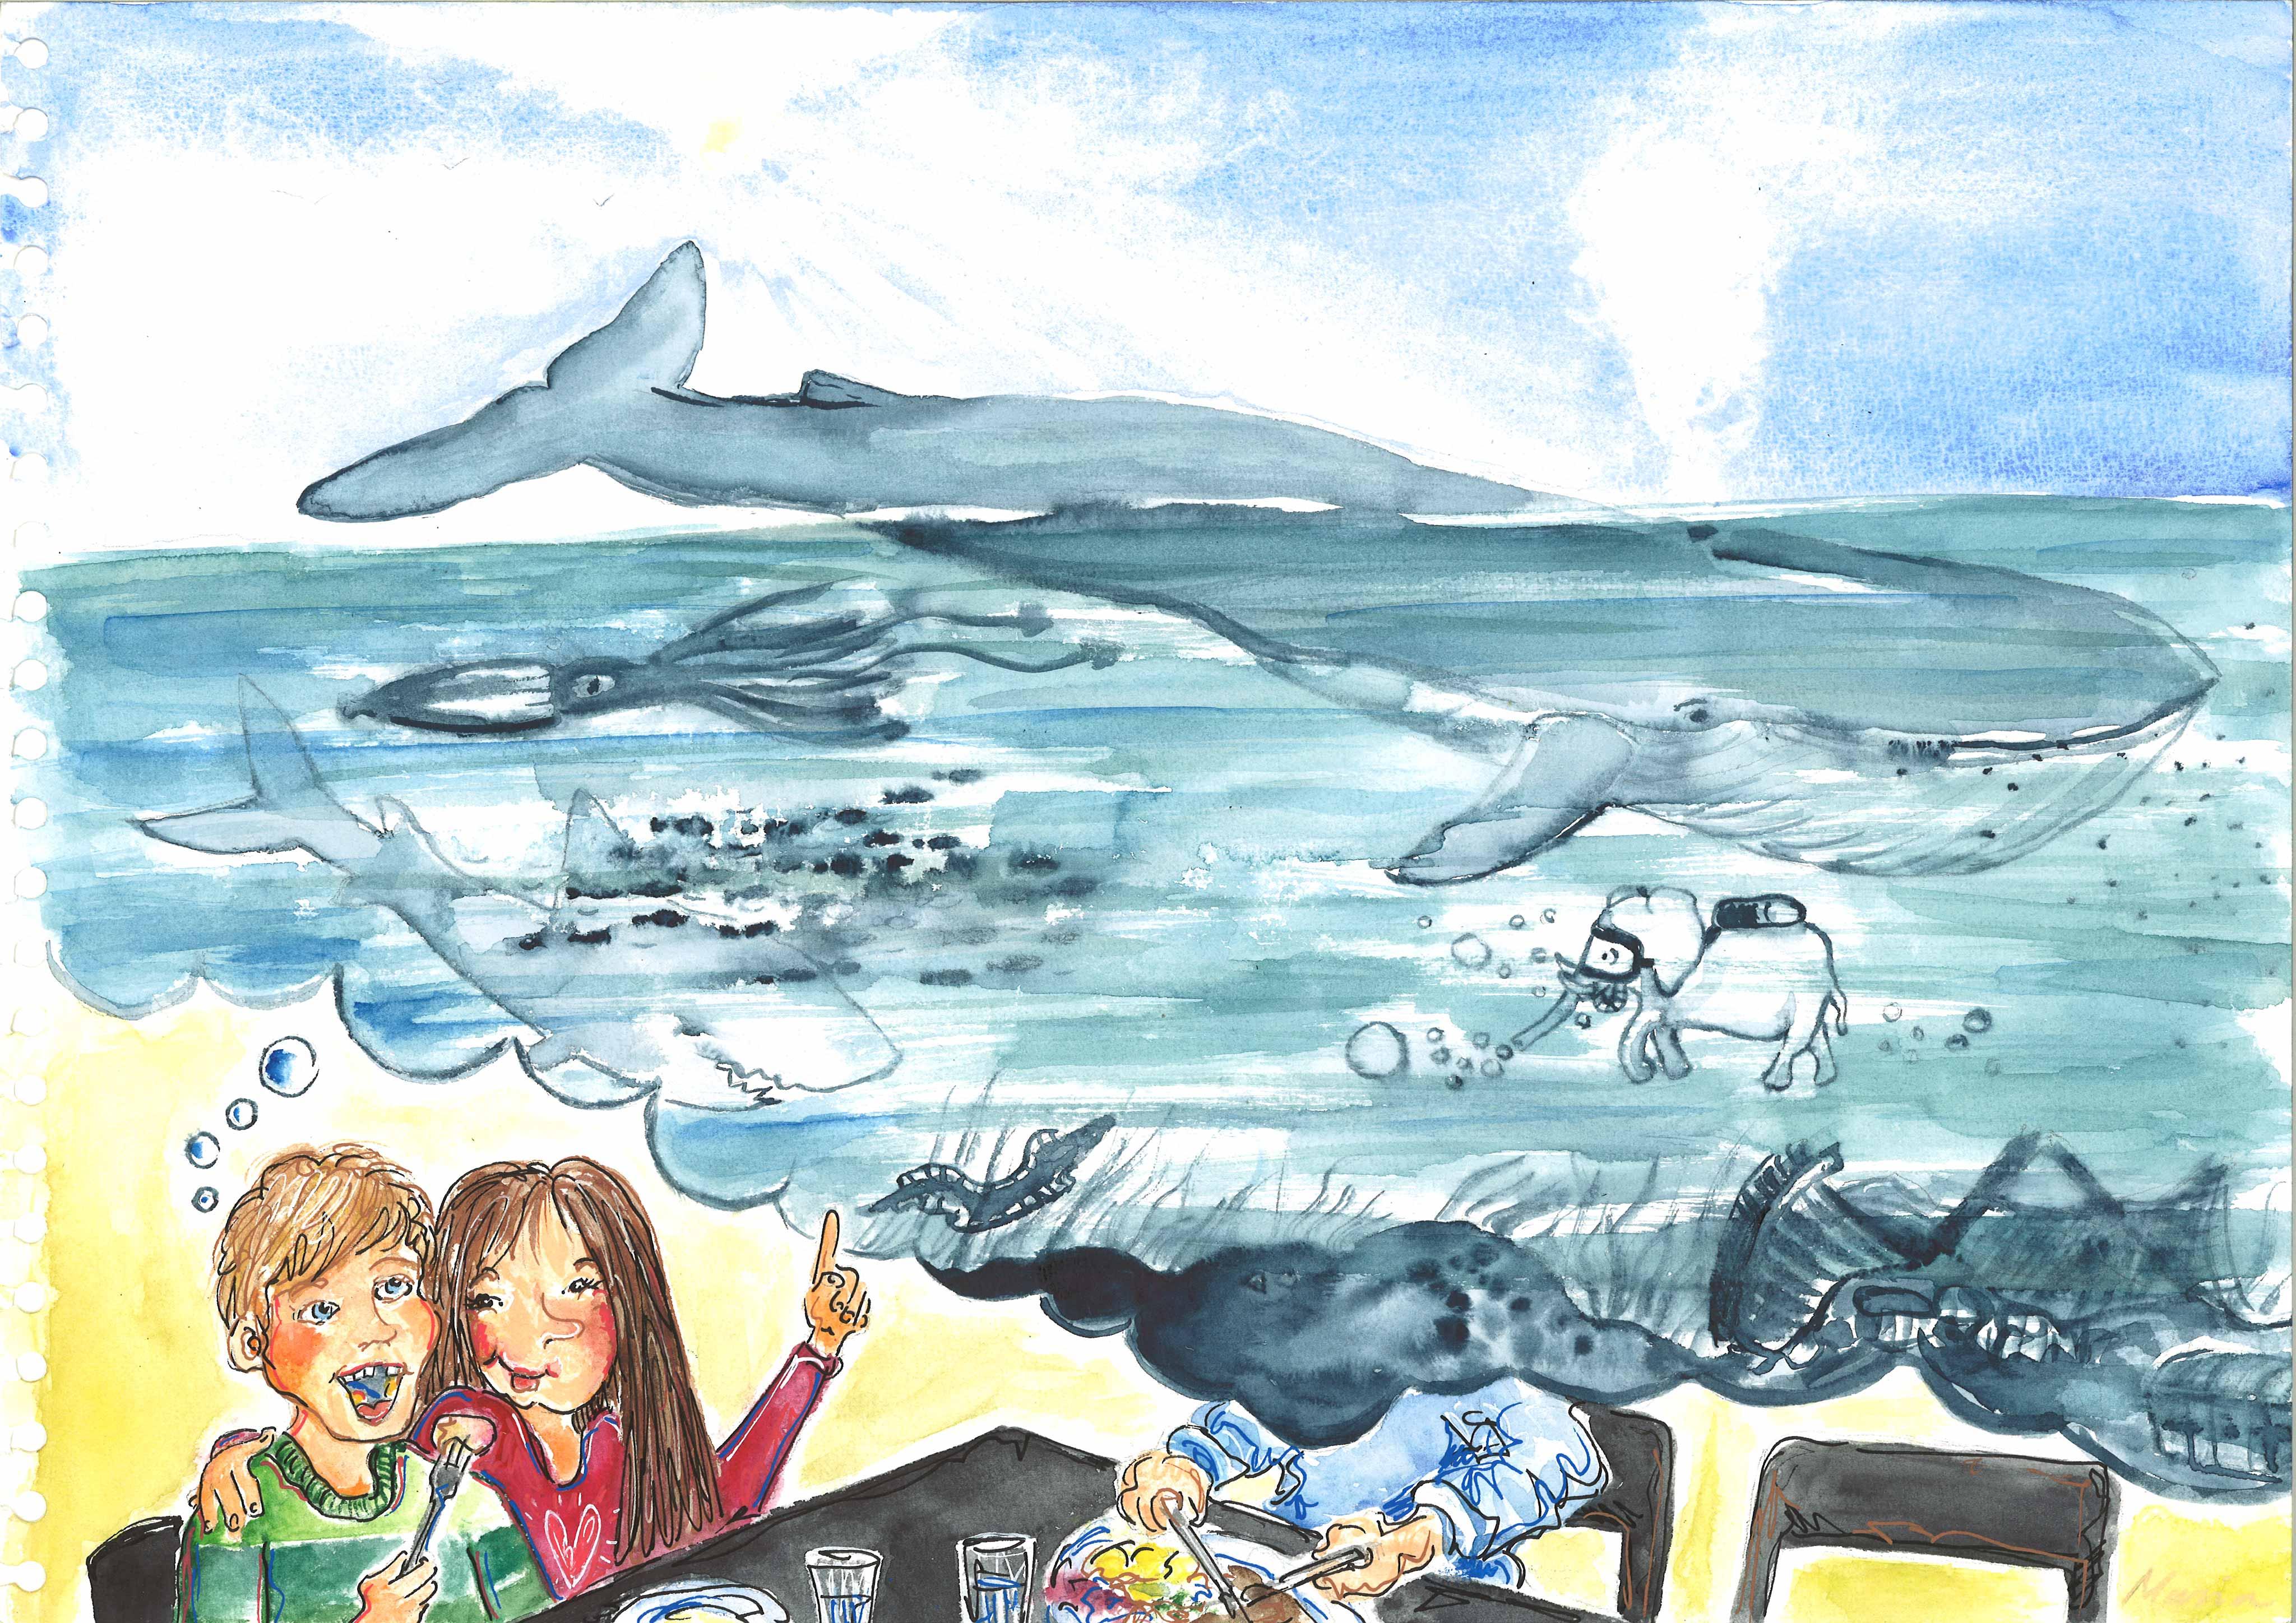 Hvem mætter blåhvalen - bordvers